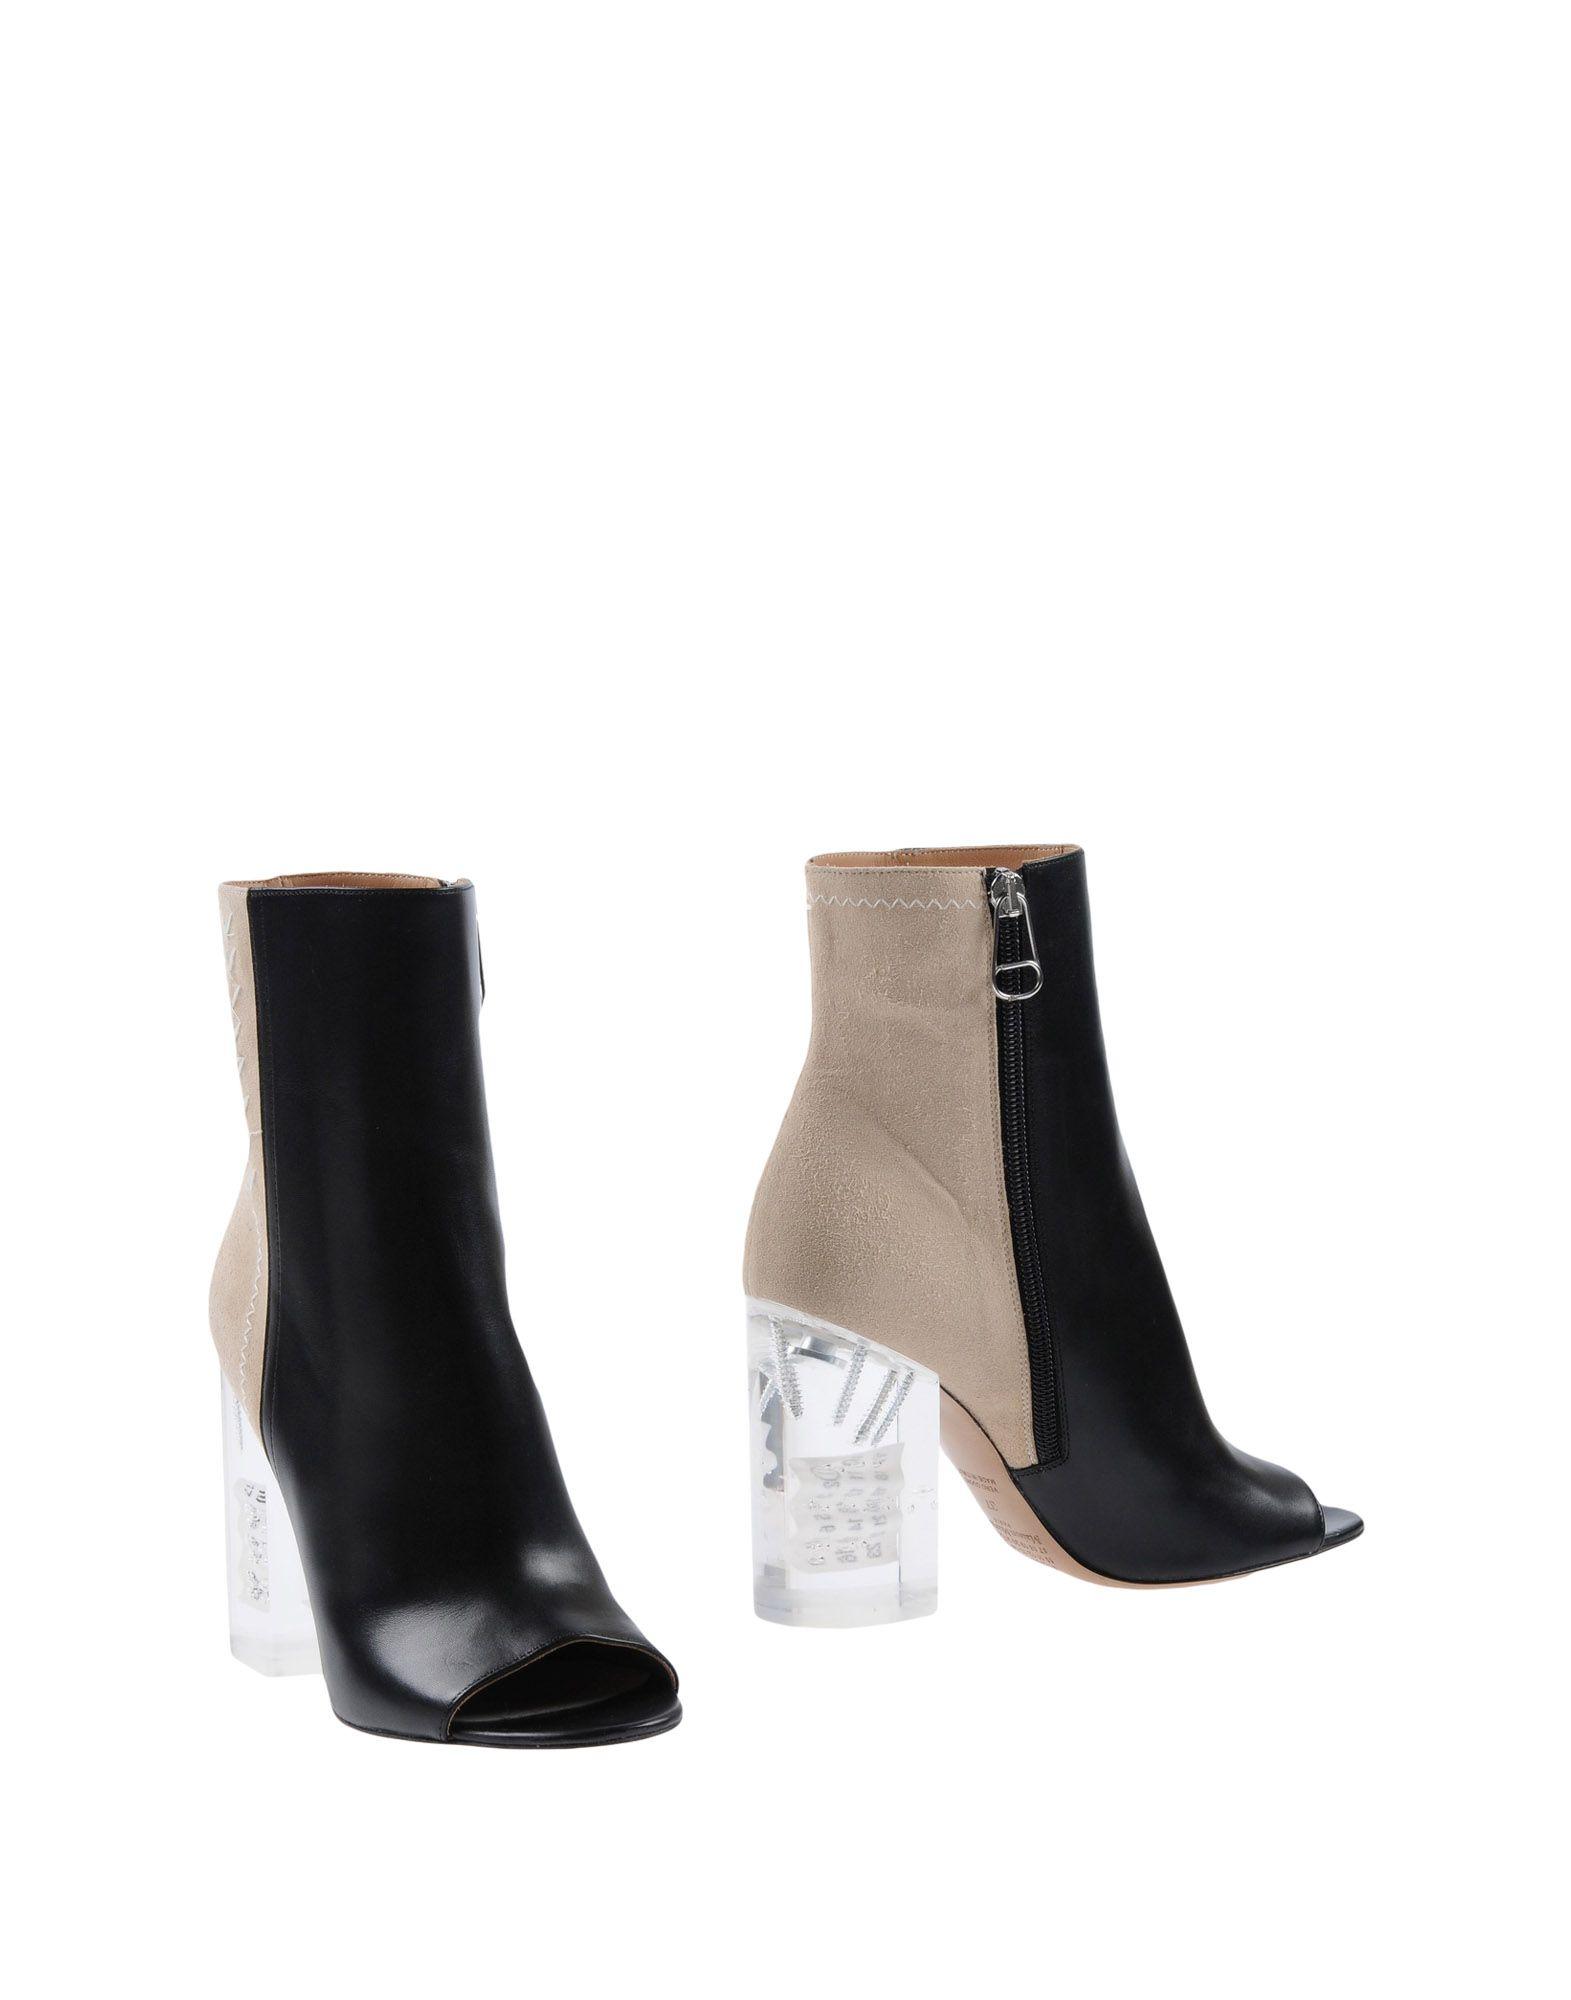 Maison Margiela Neue Stiefelette Damen  11470028WN Neue Margiela Schuhe d1c029